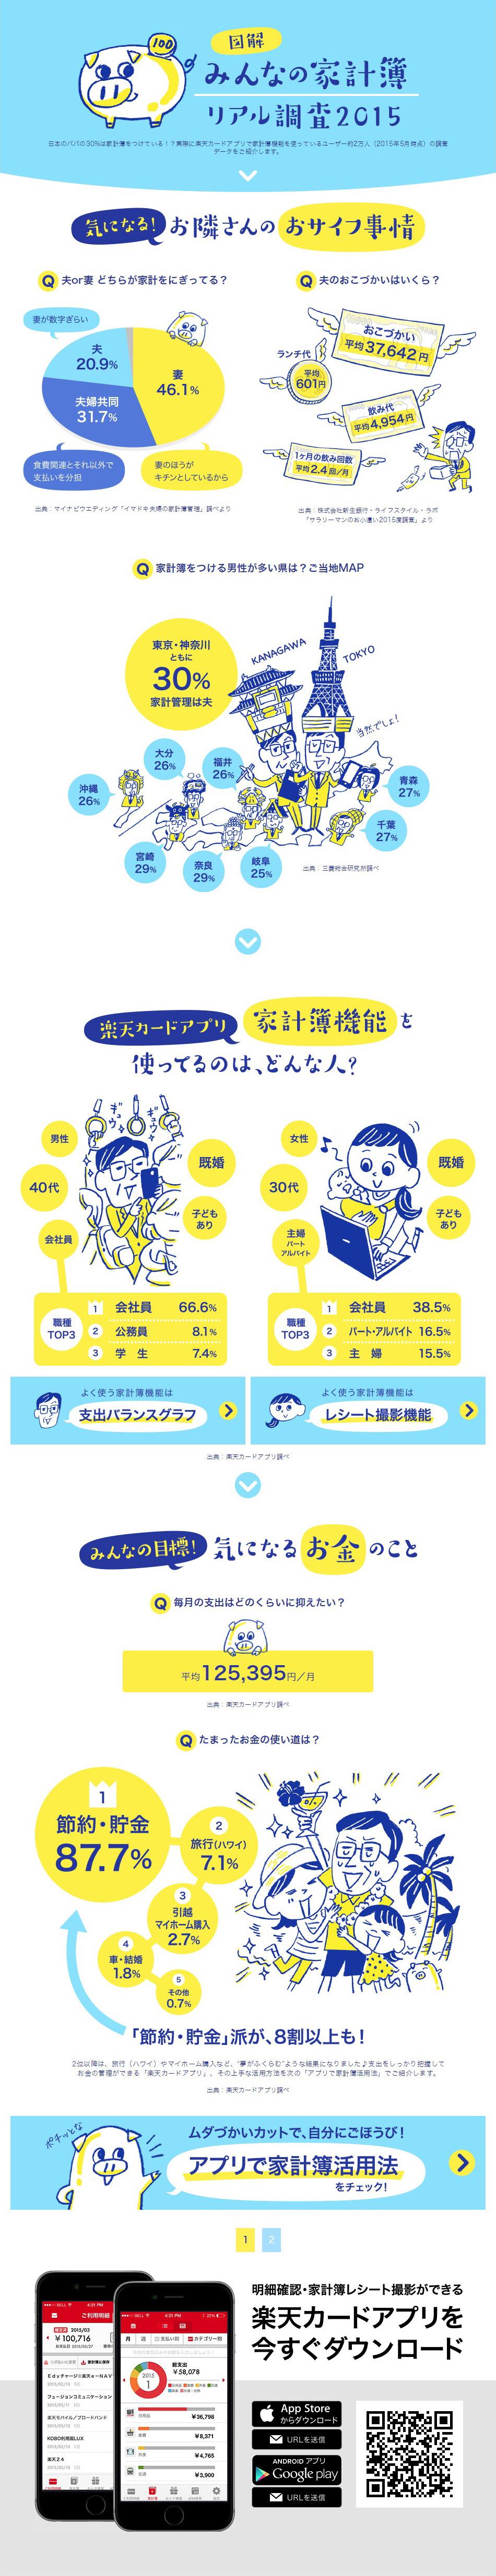 図解!みんなの家計簿リアル調査☆2015